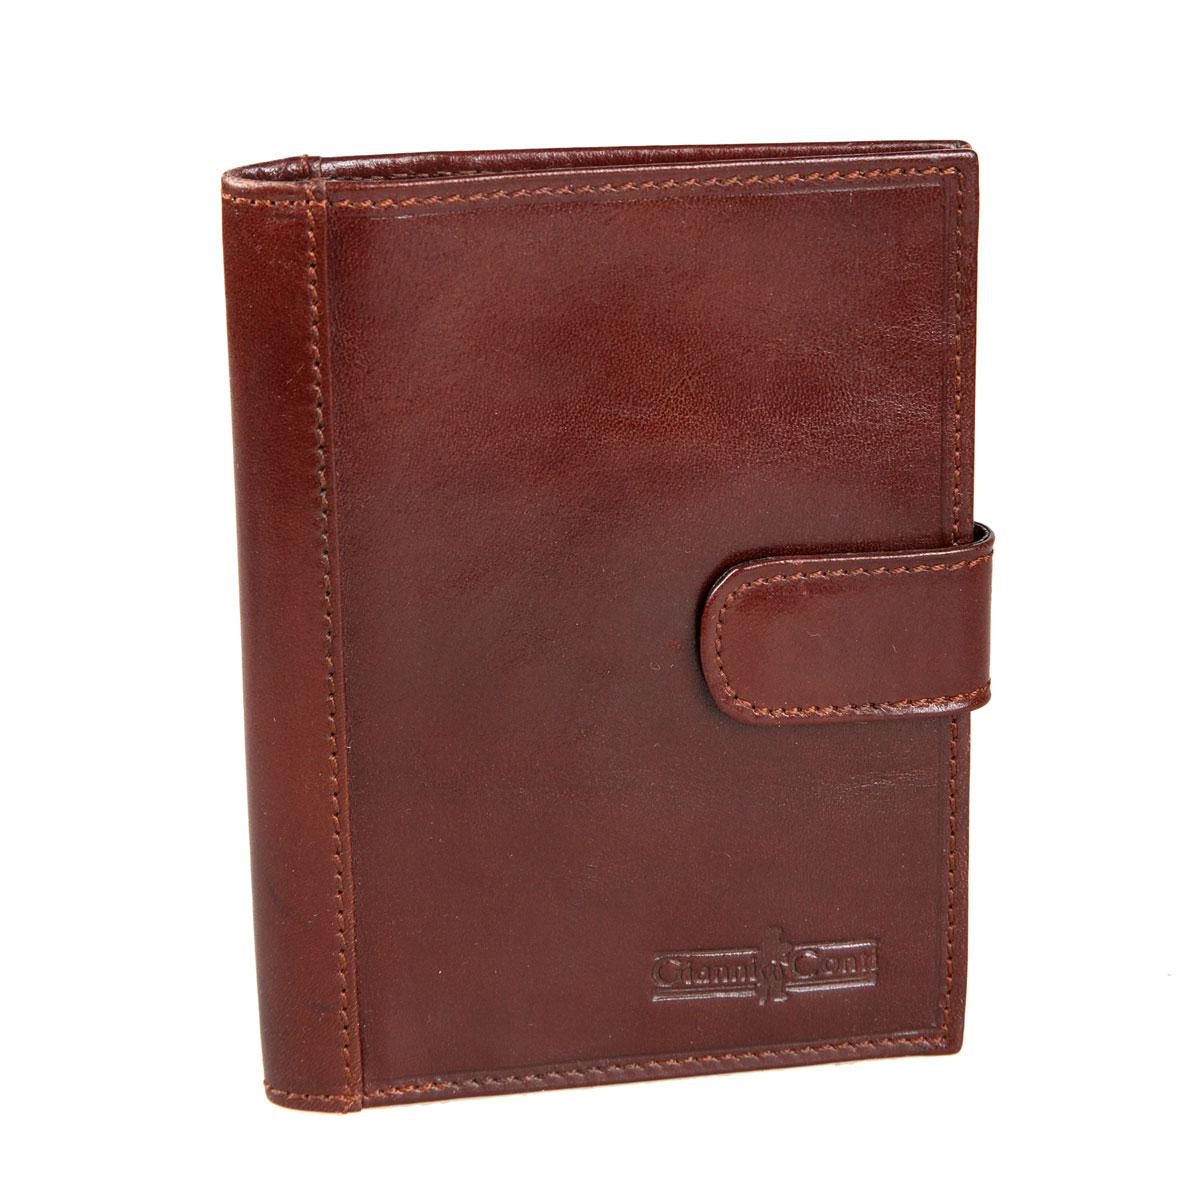 Обложка для паспорта мужская Gianni Conti, цвет: коричневый. 907035907035 brownСтильная обложка Gianni Conti выполнена из натуральной кожи и оформлена тиснением в виде названия бренда. На внутреннем развороте справа расположено шесть кармашков для пластиковых карт и визиток, потайной карман и карман для документов. Закрывается изделие с помощью хлястика с кнопкой.Обложка упакована в подарочную картонную коробку. Такая обложка не только поможет сохранить внешний вид ваших документов и защитит их от повреждений, но и станет стильным аксессуаром, который подчеркнет ваш образ.